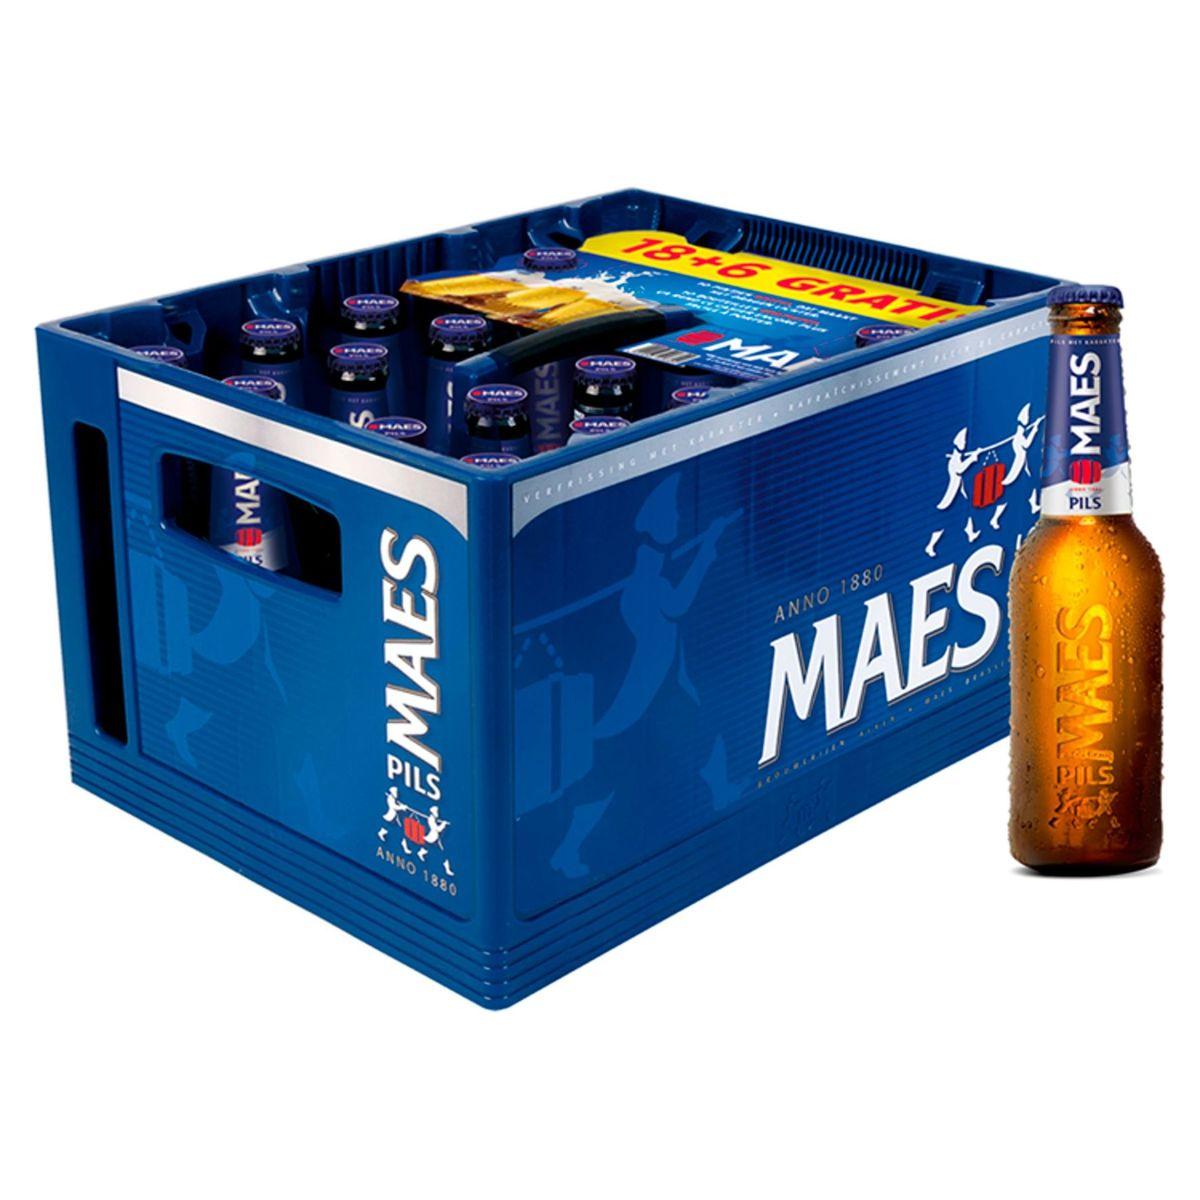 Maes Blond bier Pïls 5.2% ALC Bak 24x25cl 18+6